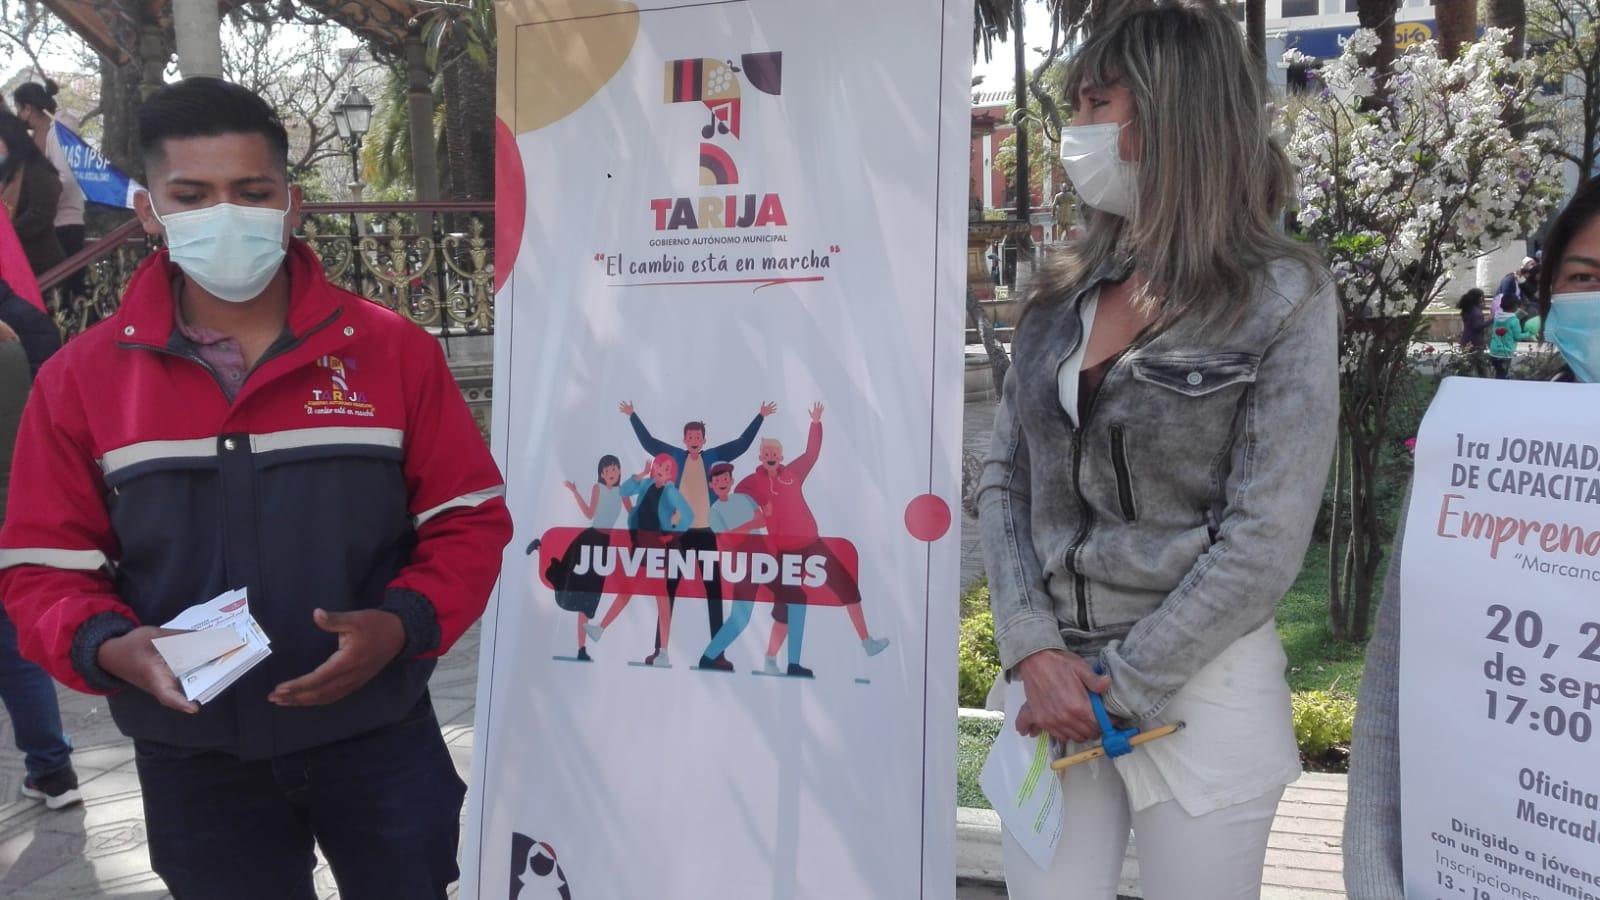 Alcaldía de Tarija invita a los jóvenes a participar de una feria de emprendedores